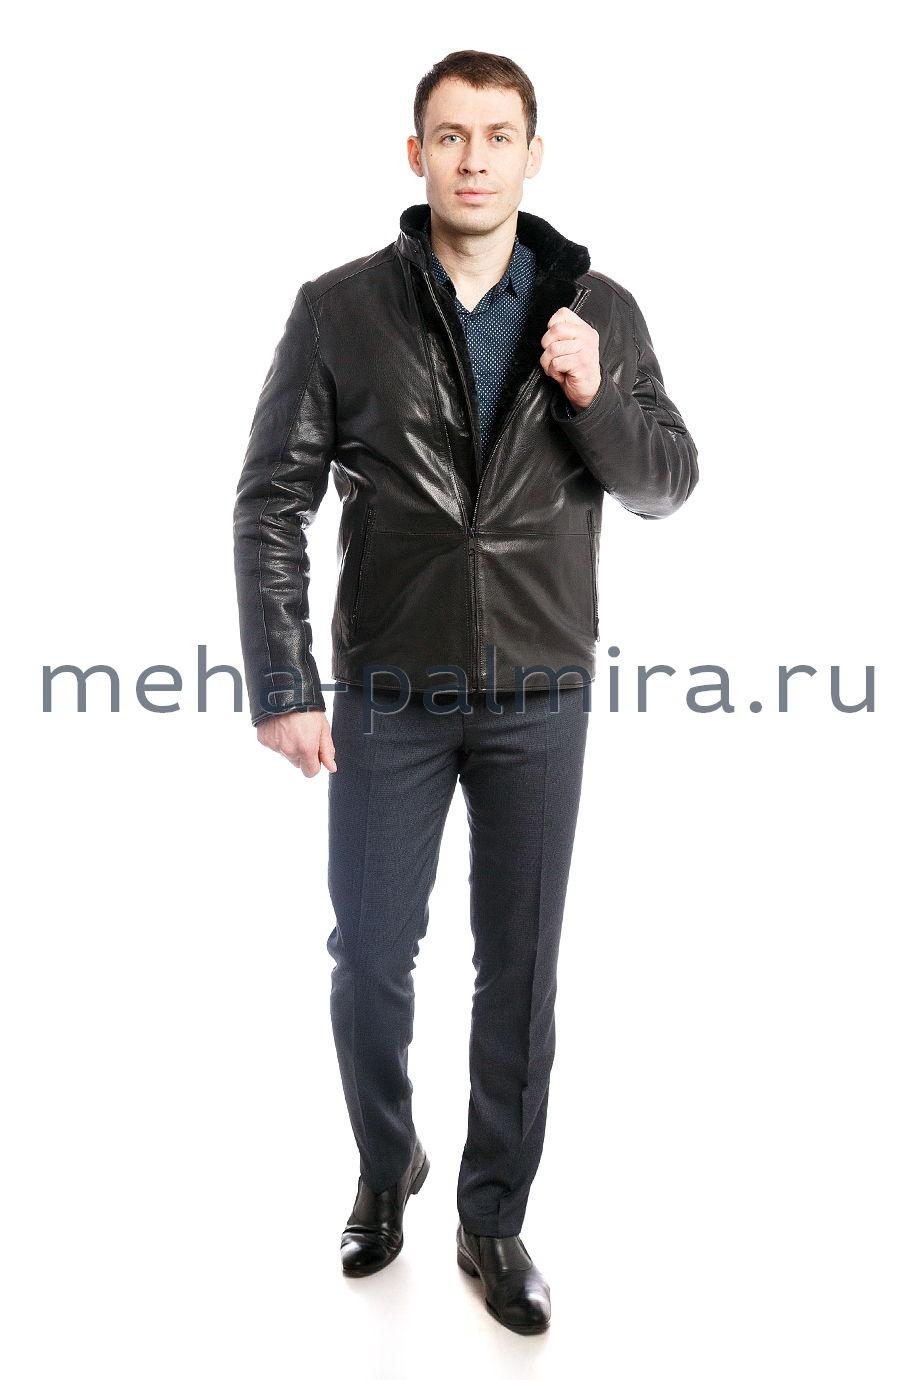 Мужская дубленка - косуха, чёрного цвета